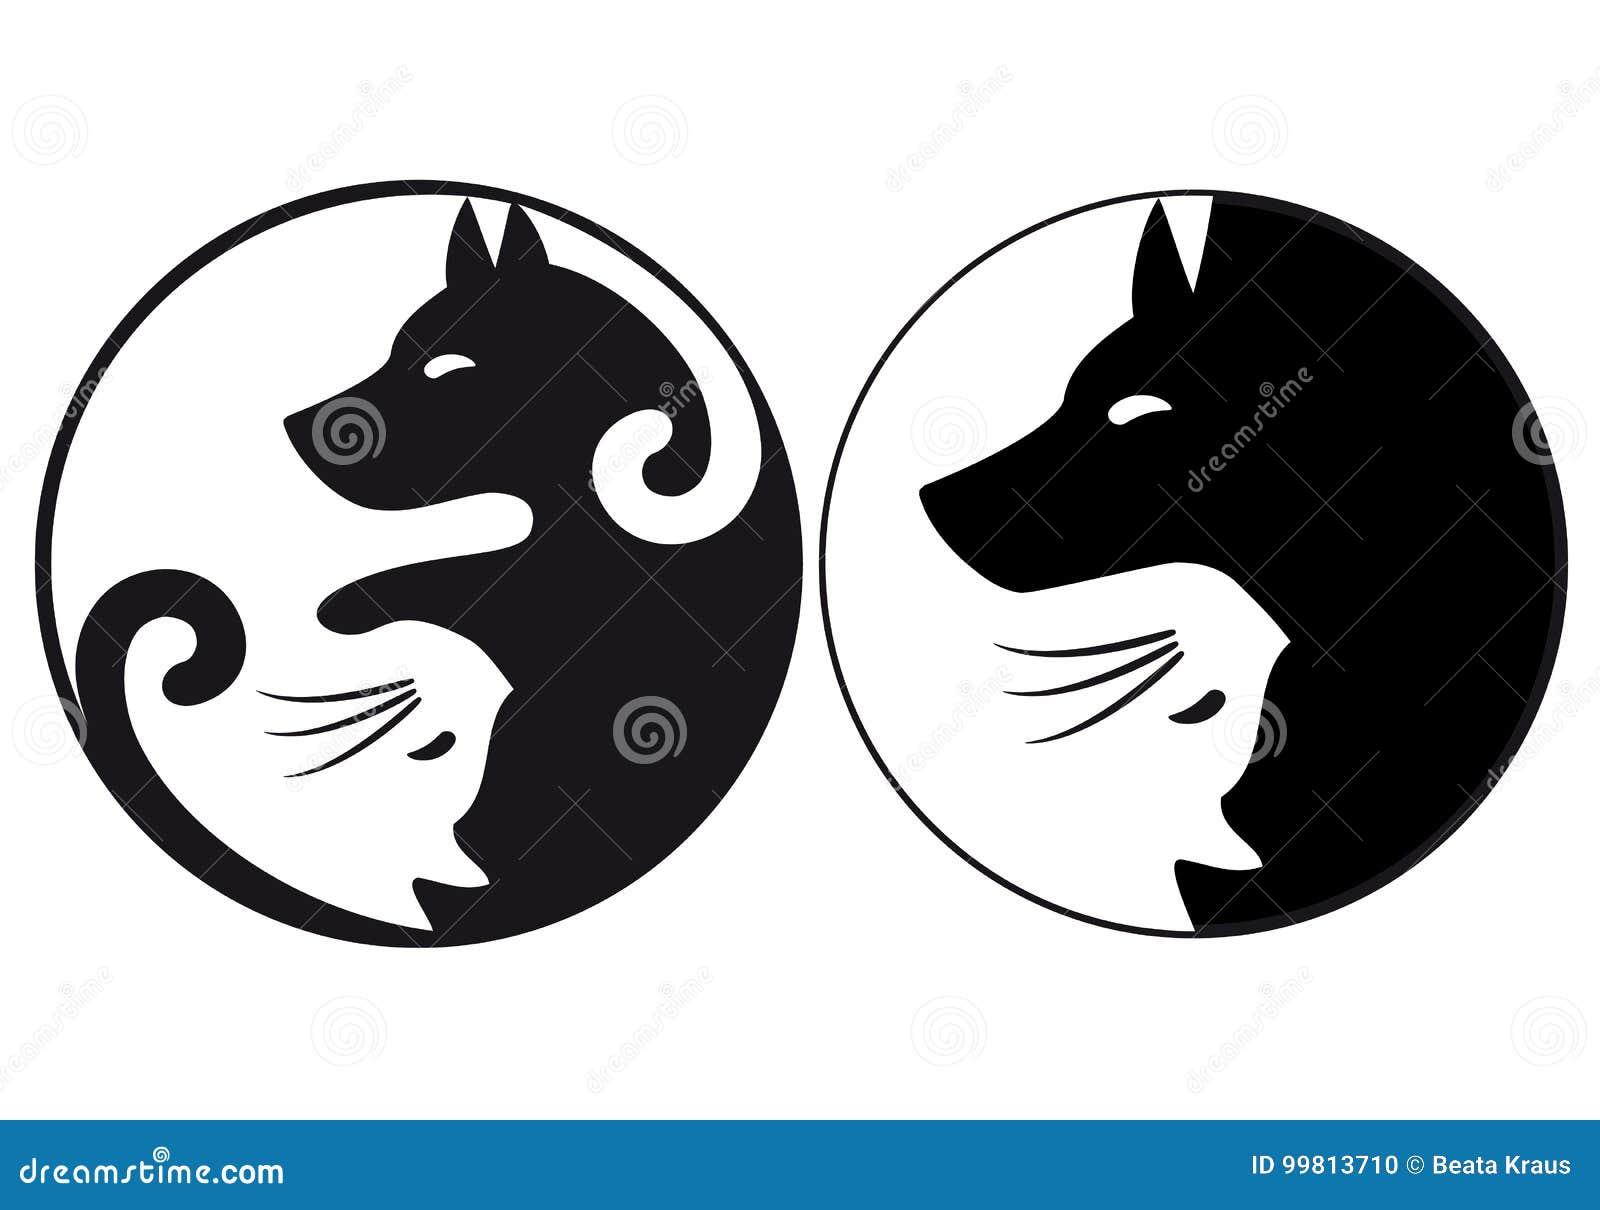 De kat van het Yin yang symbool en hond, vector